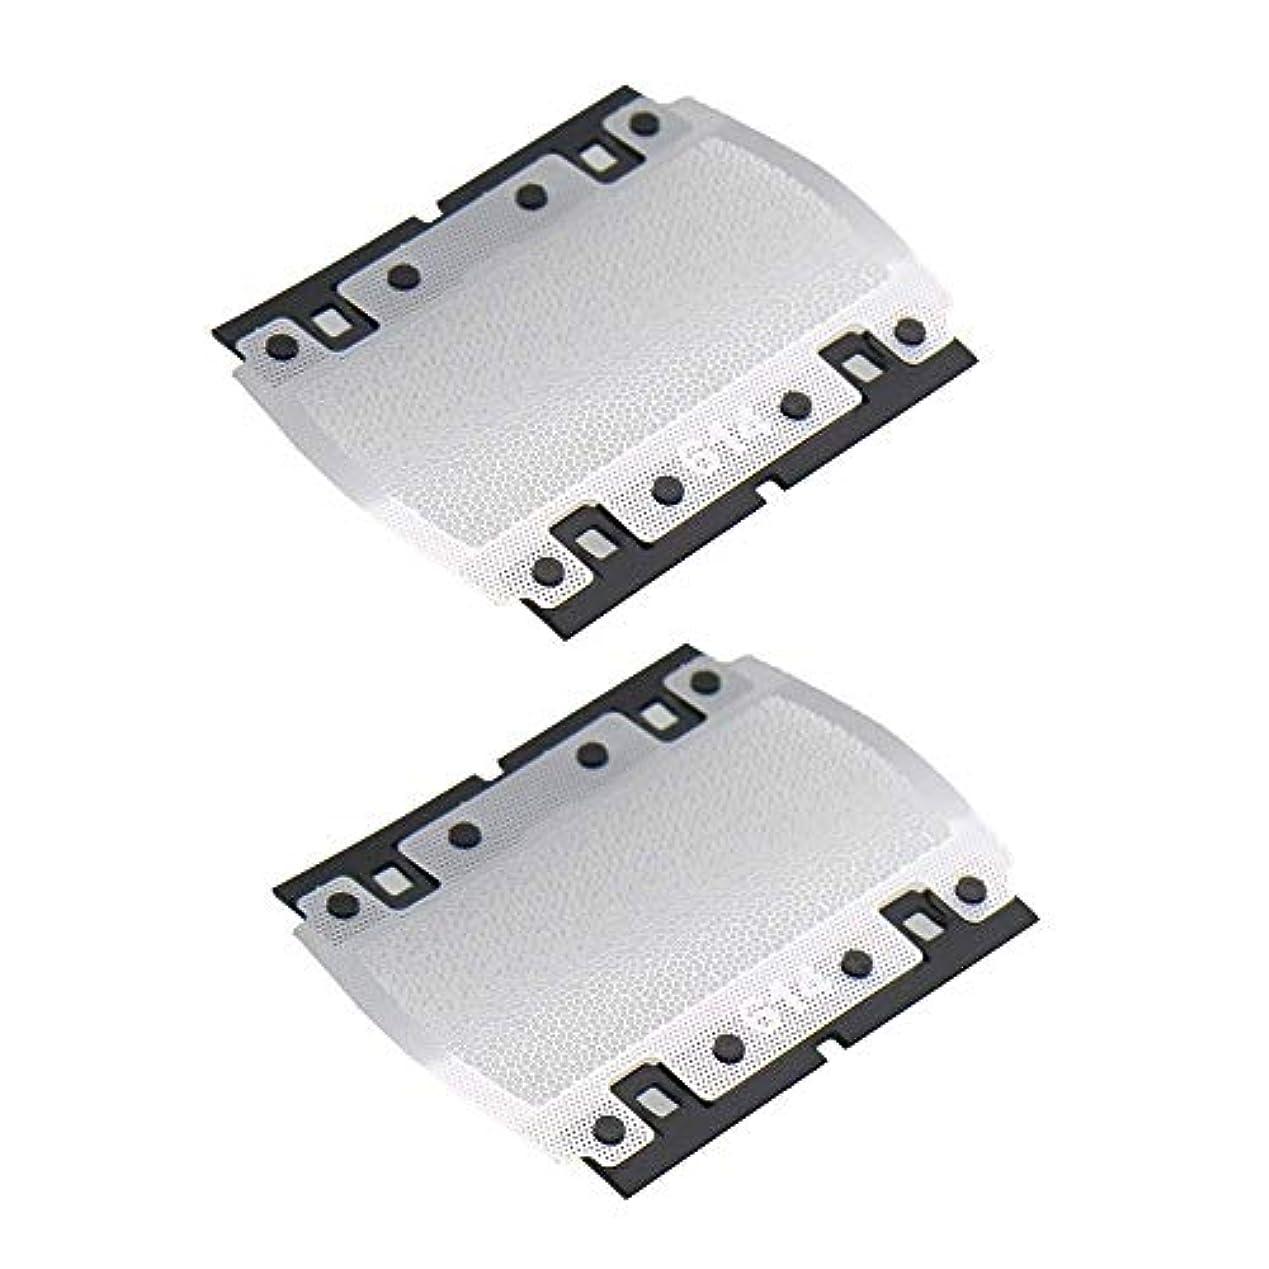 フェロー諸島オプショナル野菜VWONST 614 Shaver Foil Screen For Braun PocketGo Pocket Twist E-Razor 614 350 355 370 375 5614 5615 P10 Shaver Razor Head Replacement Mesh Grid Net (2)